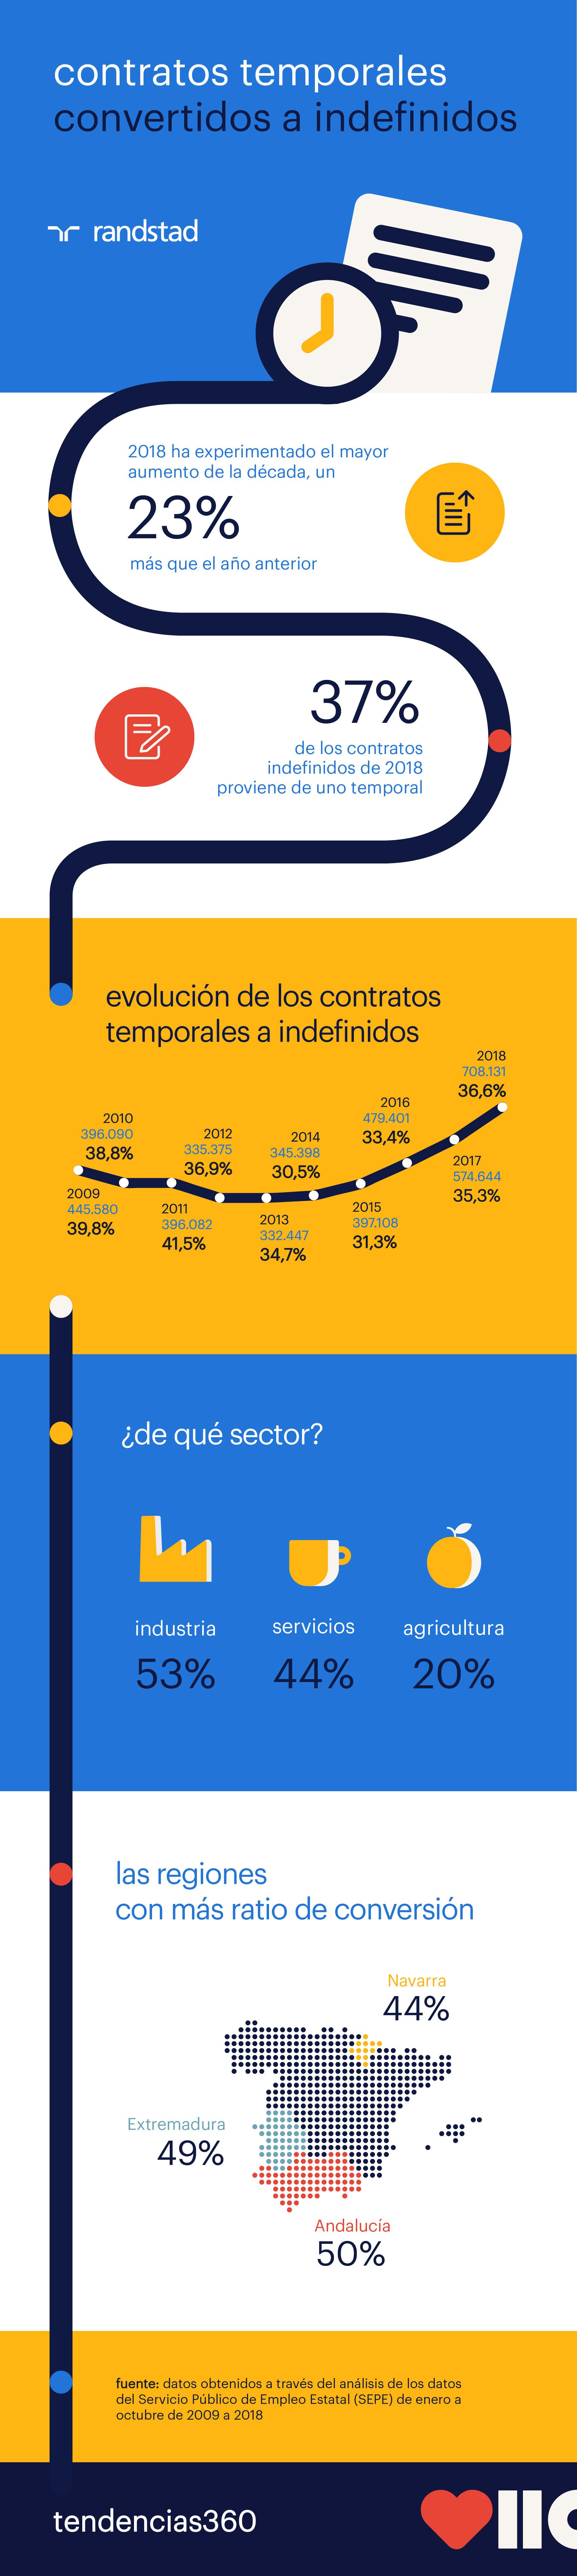 Infografia Convertidos a indefinidos